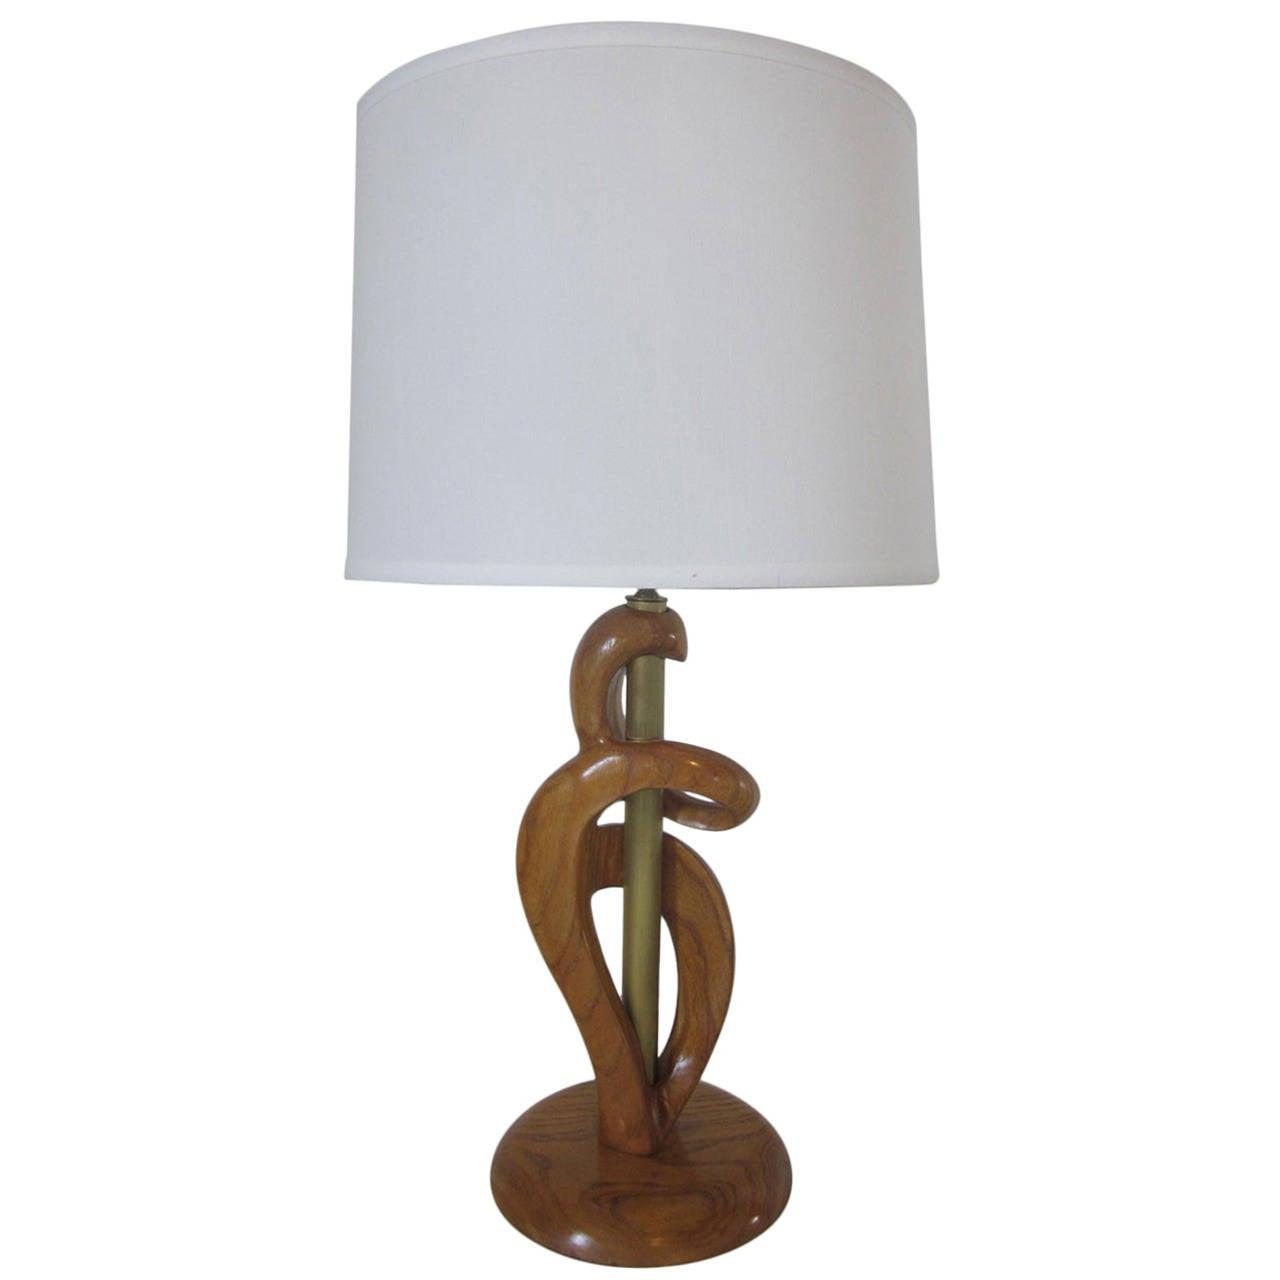 Heifetz Sculptural Wood and Brass Table Lamp